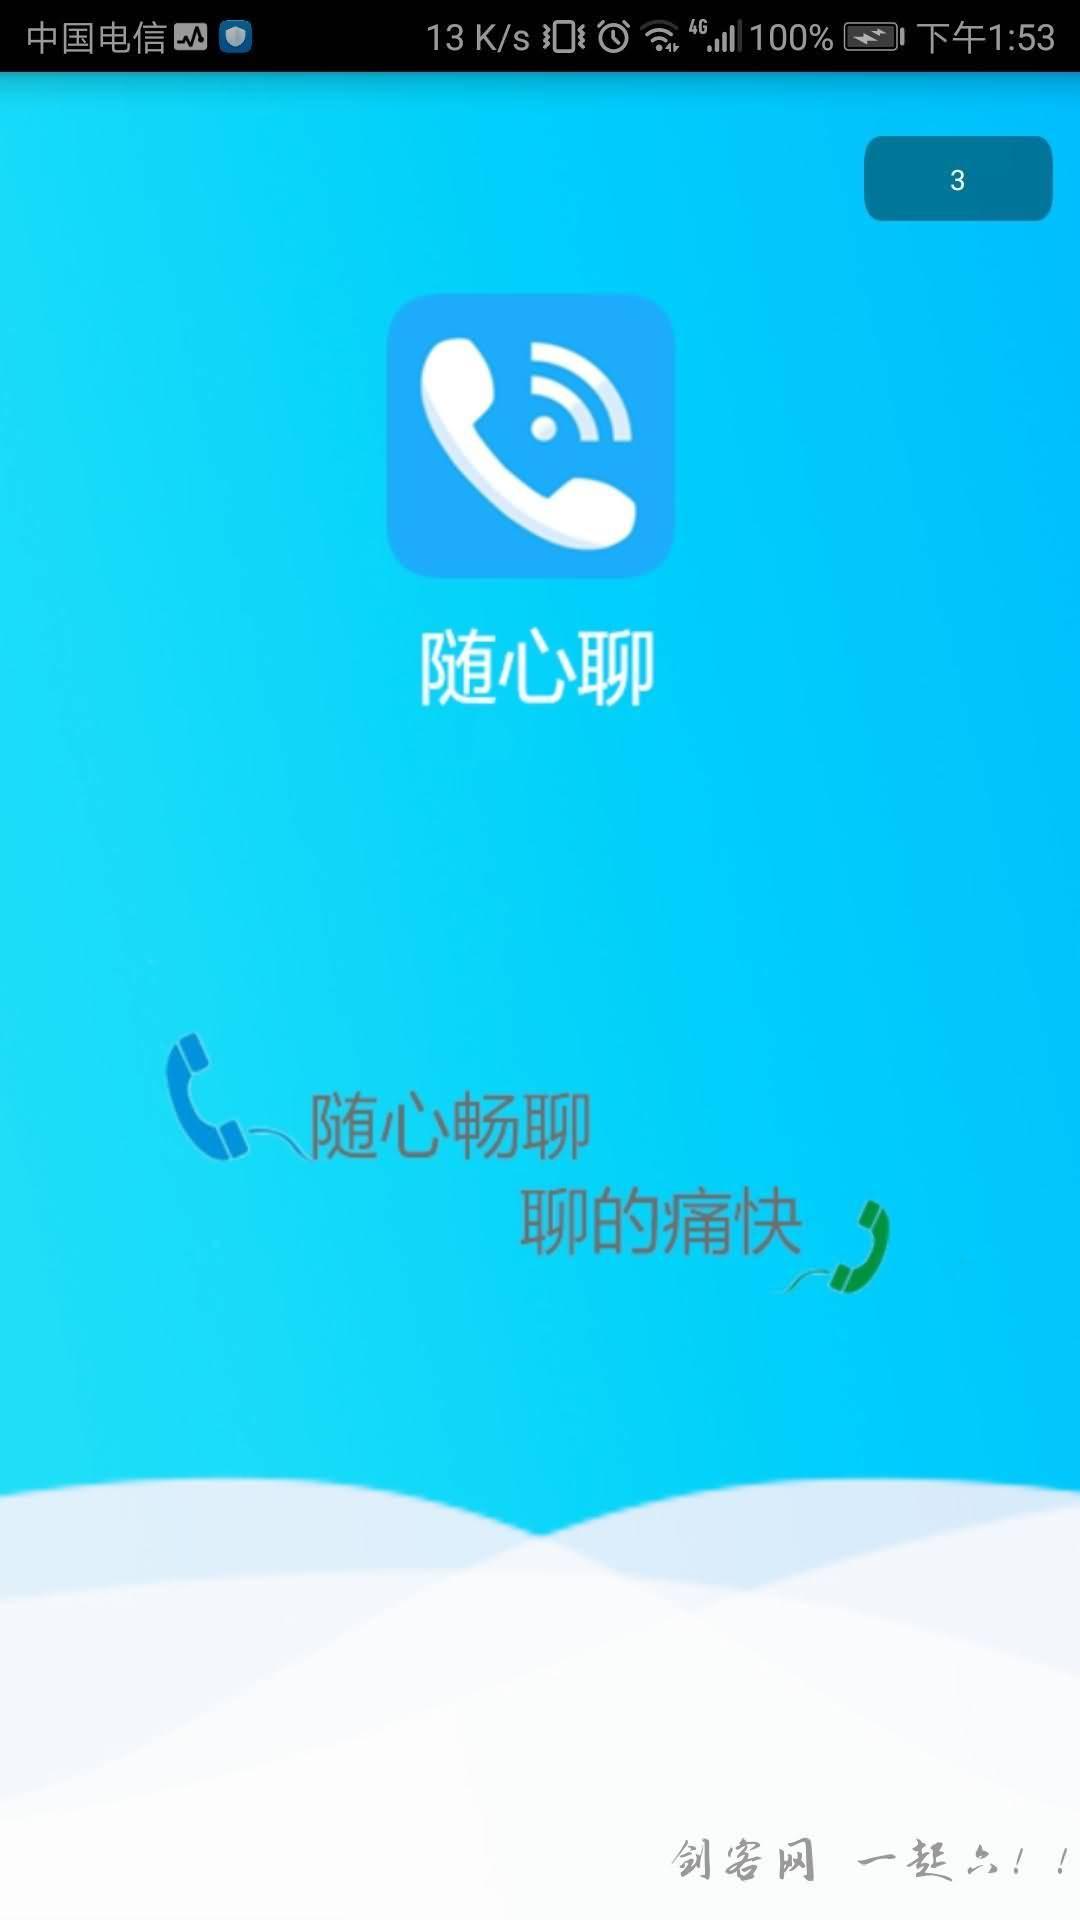 安装随心聊1.4 免费打电话